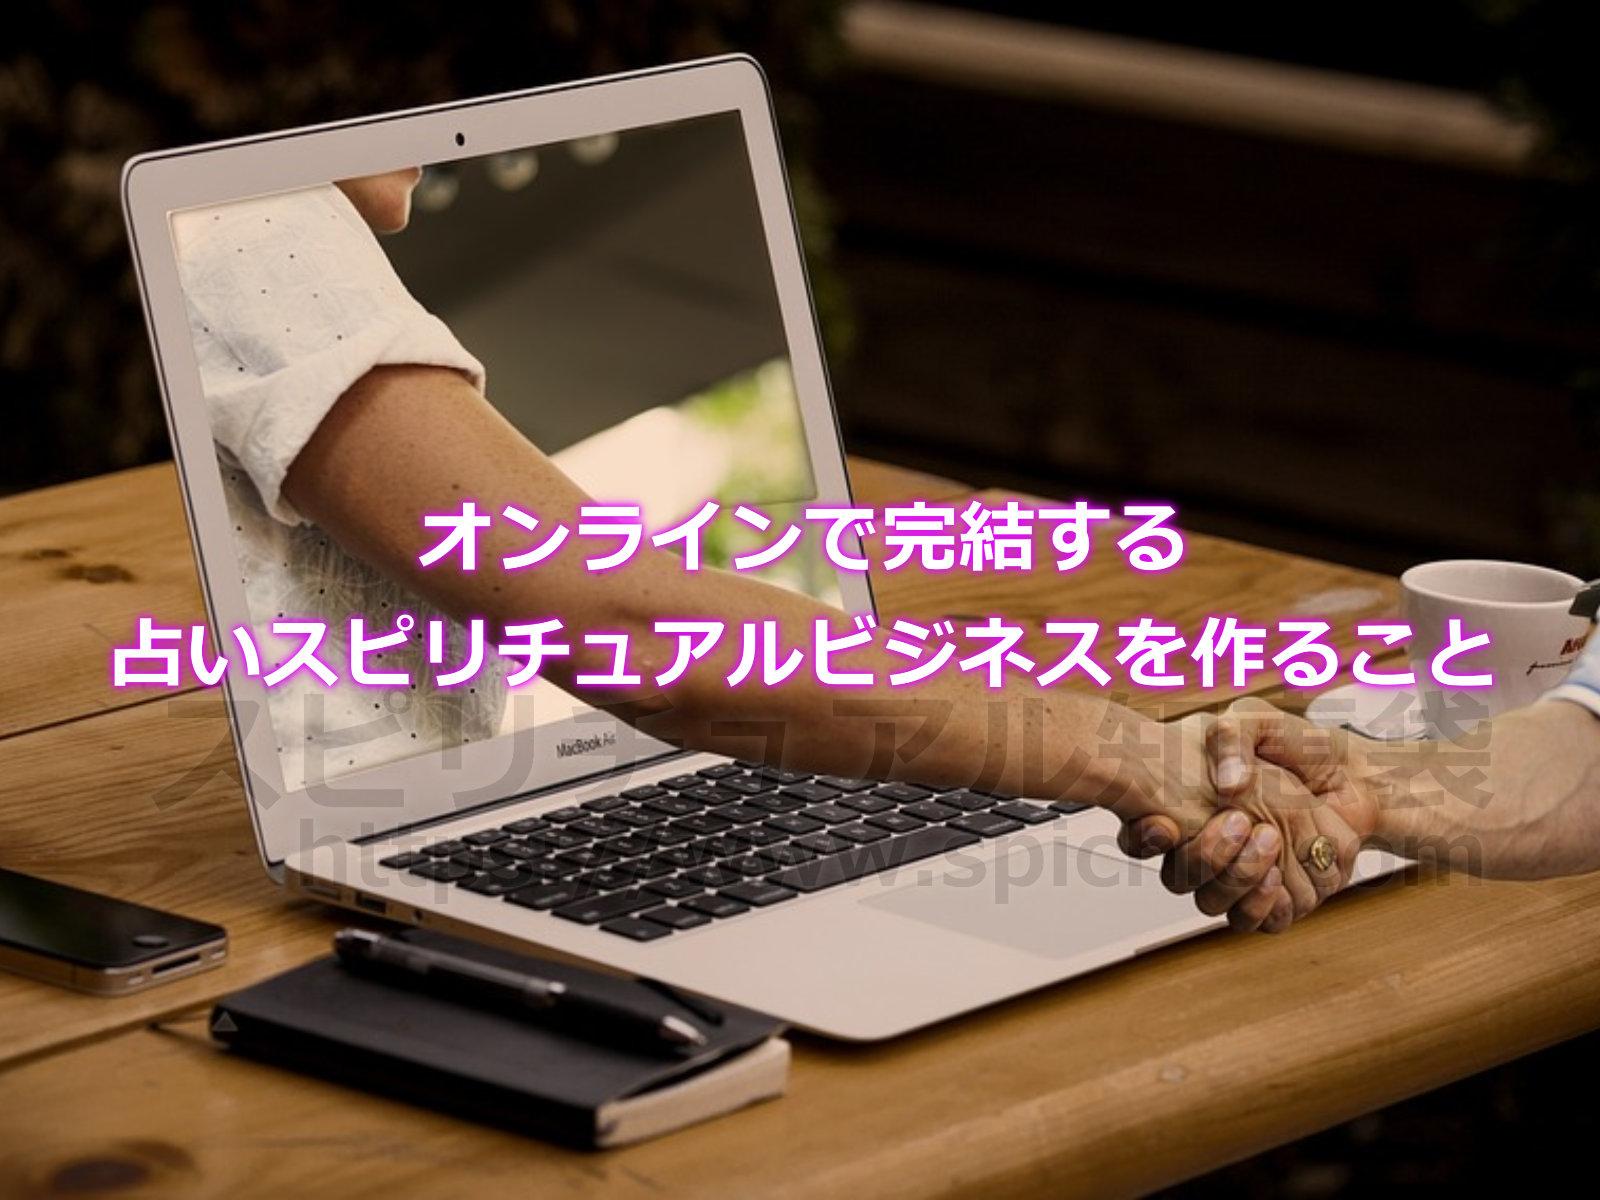 オンラインで完結する占いスピリチュアルビジネスを作ること